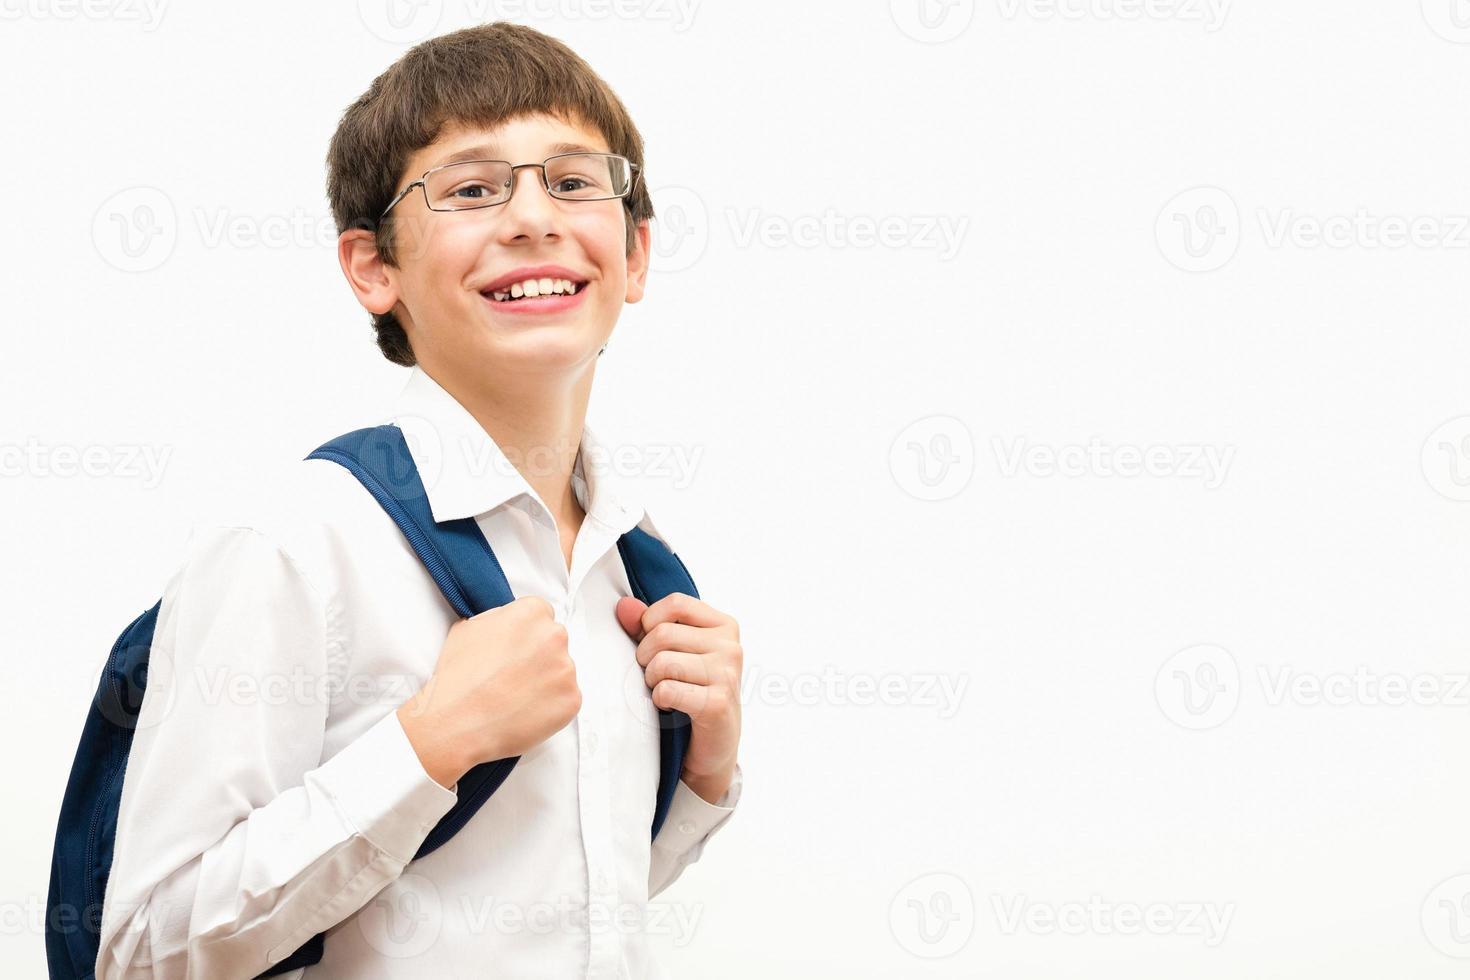 portrait d'un écolier heureux photo